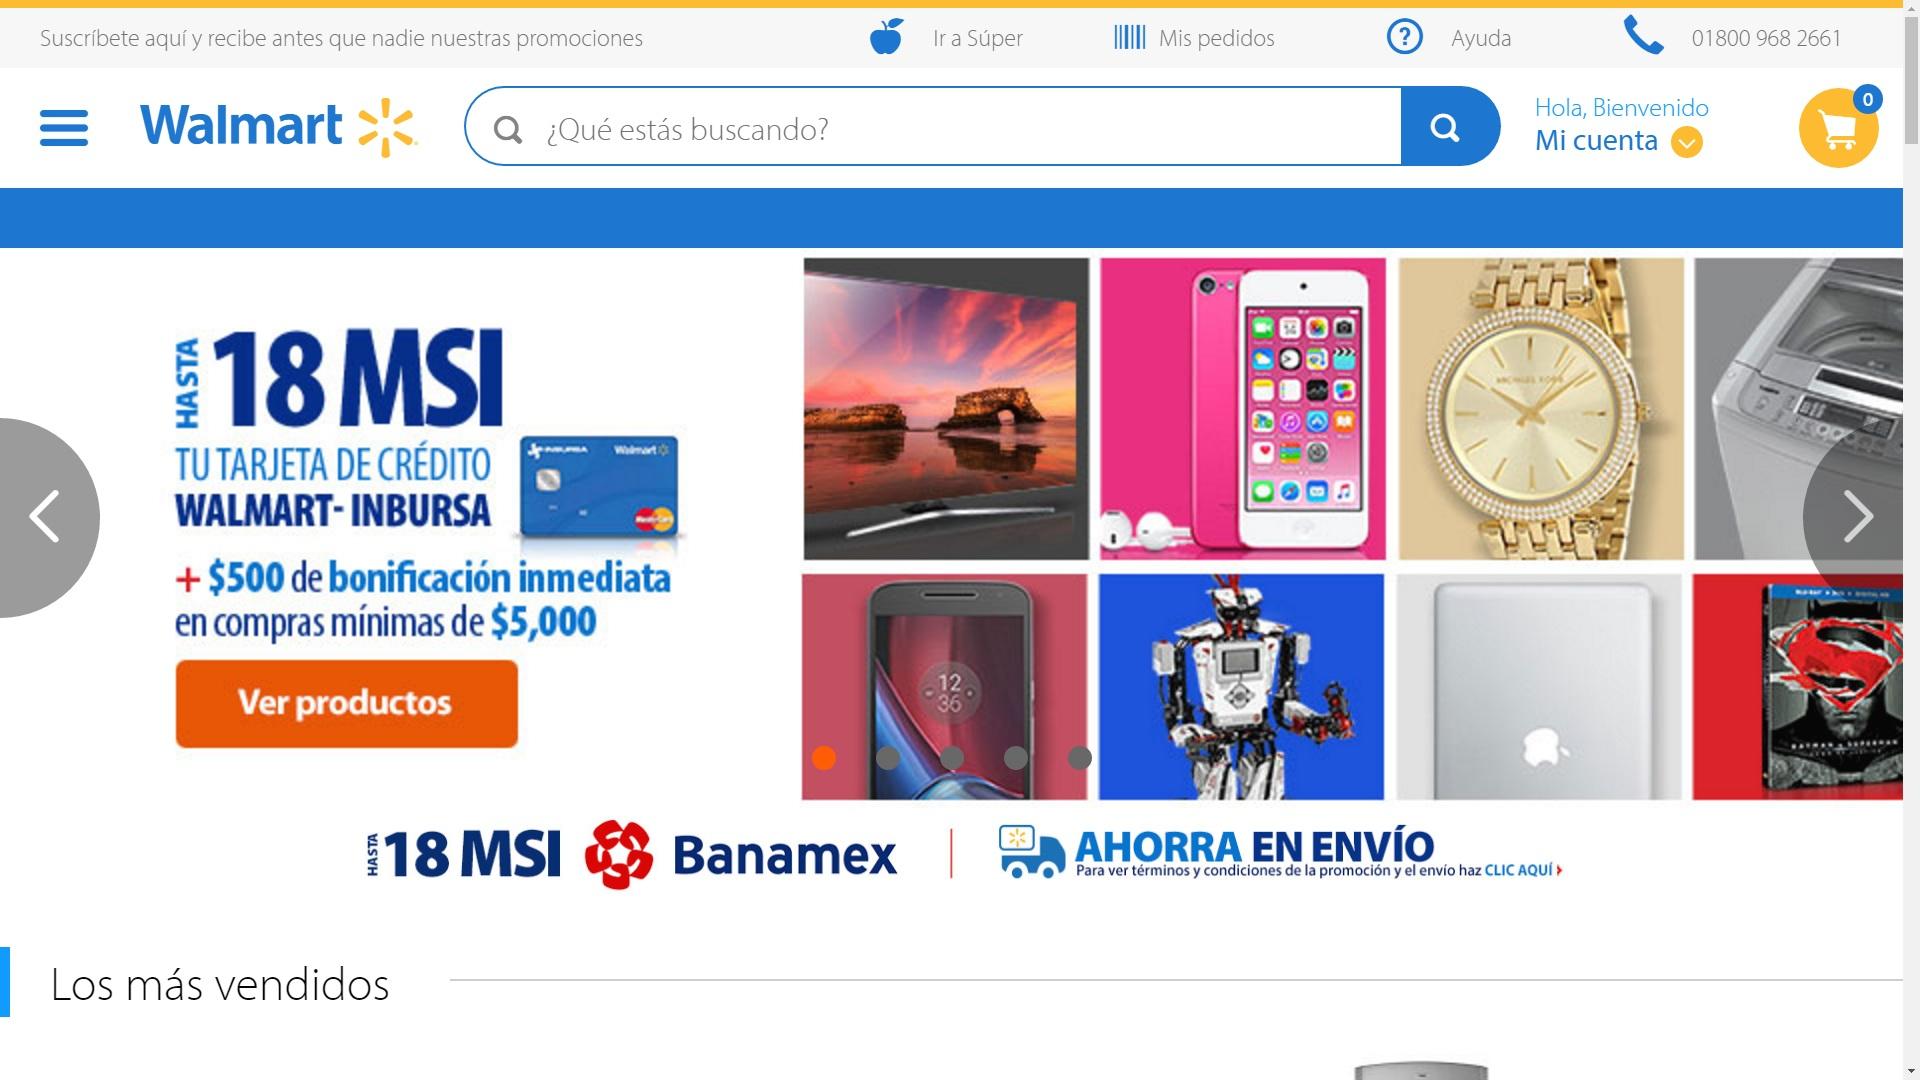 Walmart en línea: hasta 18 MSI + bonificación inmediata de $500 en compras mayores a $5,000 pagando con tu tarjeta de Crédito Walmart-Inbursa